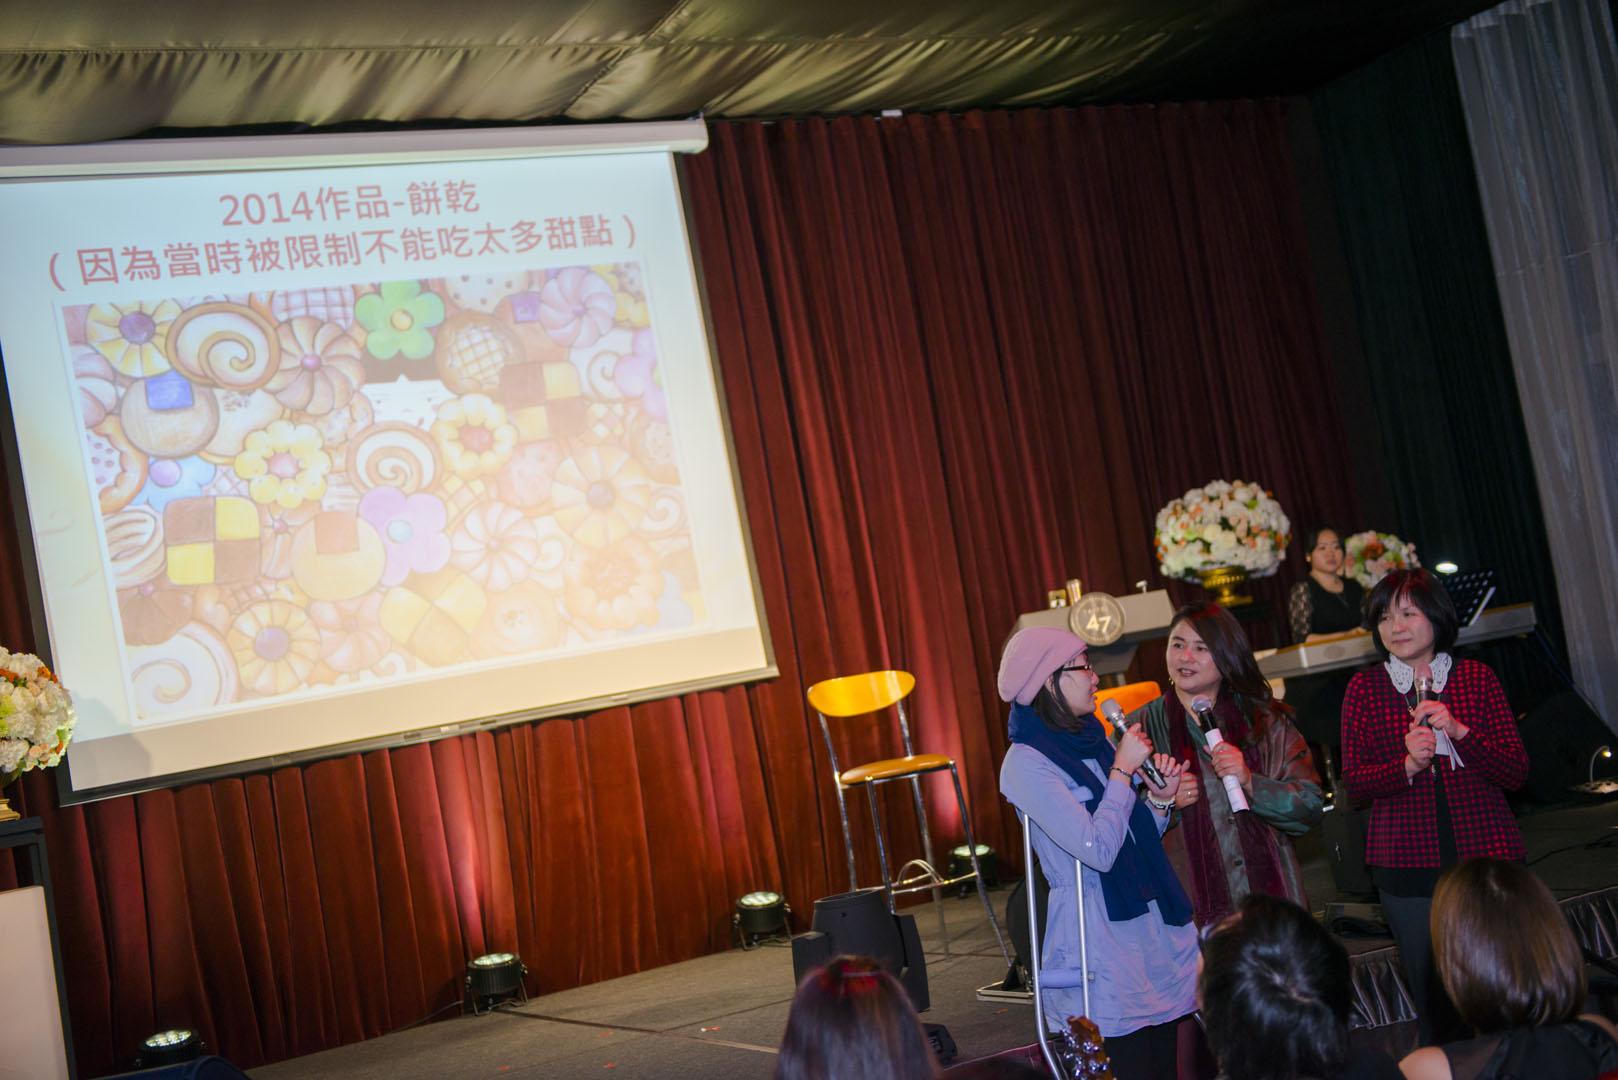 抗癌美少女畫家-阿布,以及北榮的沈護理長,特別來到演唱會現場跟大家說謝謝